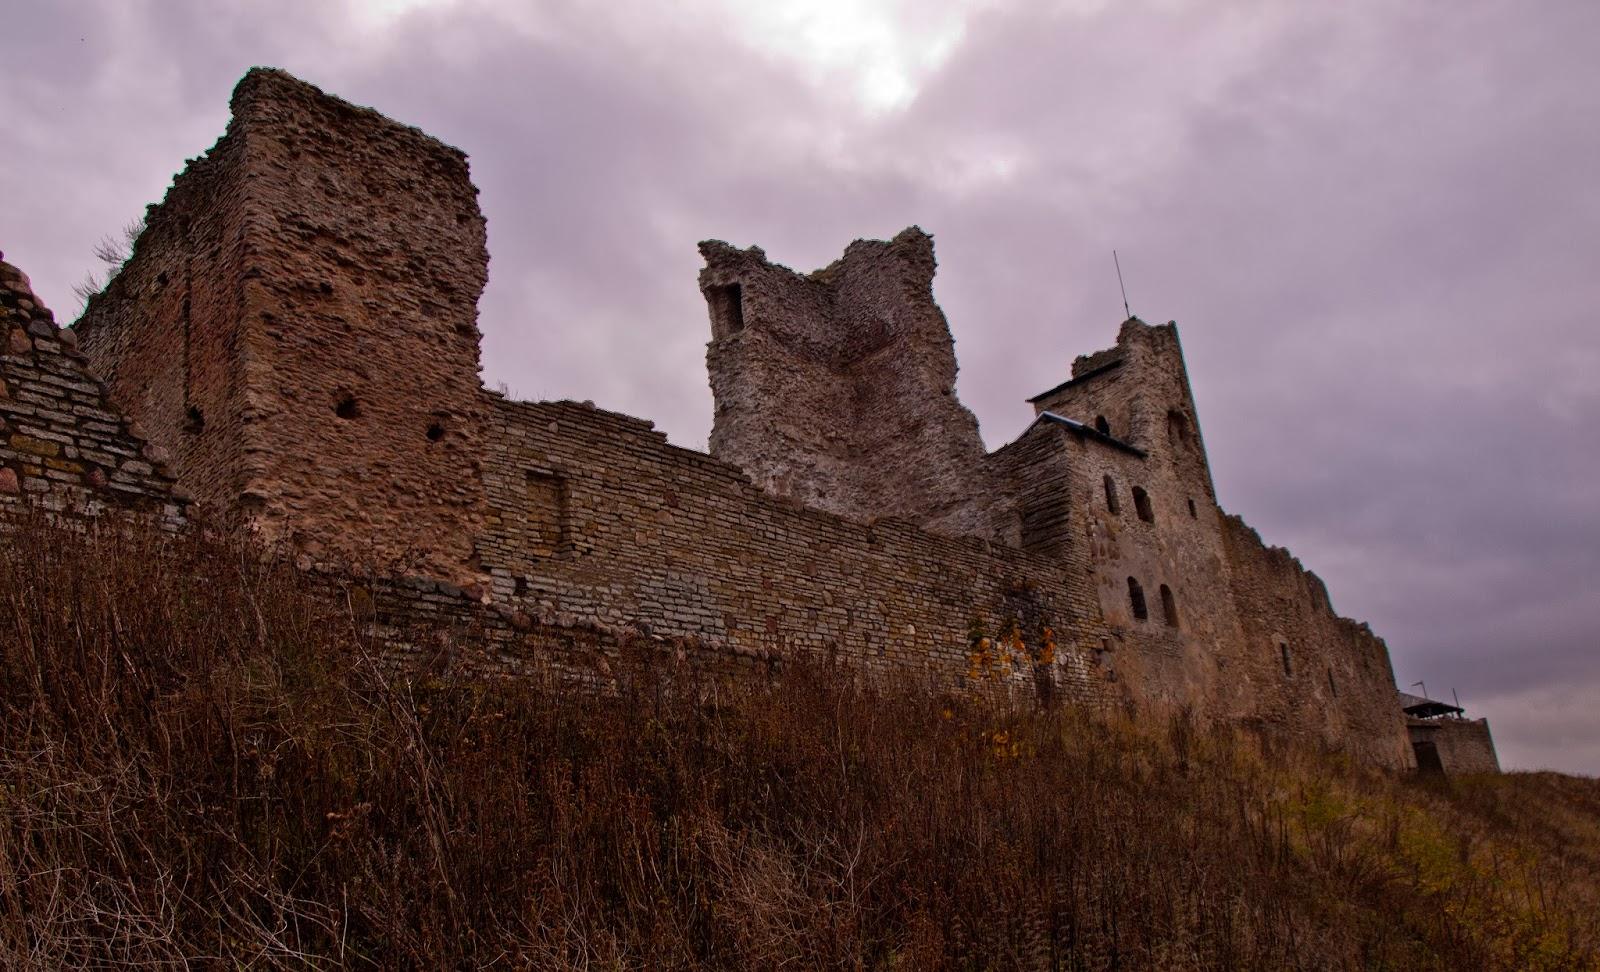 Экскурсии по Эстонии. Крепость Раквере